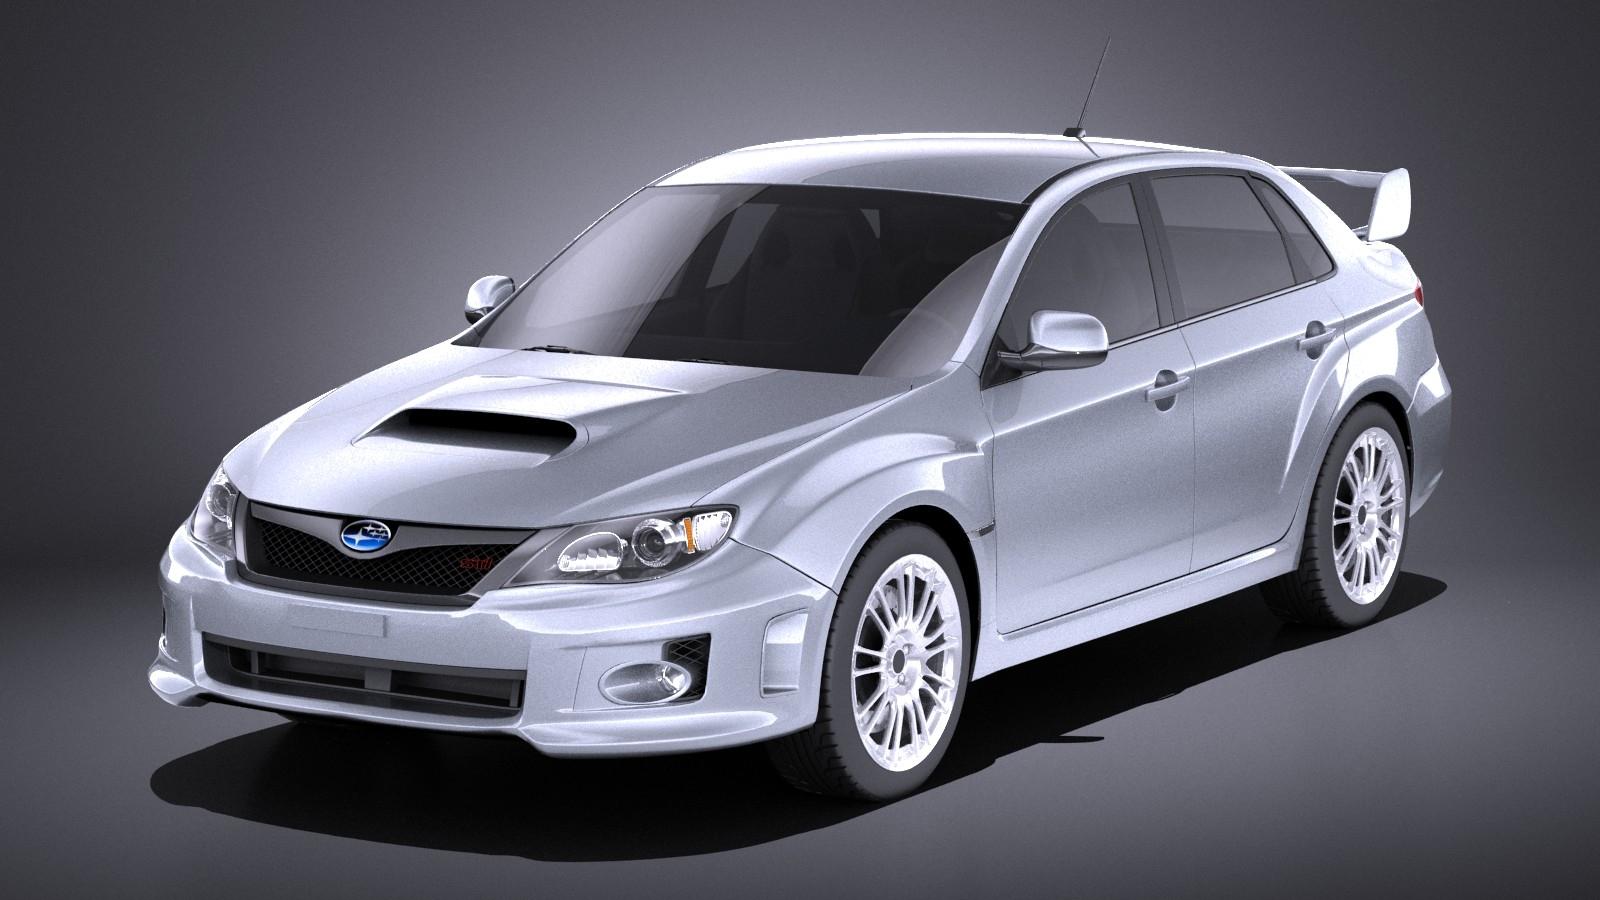 Subaru Impreza WRX STi sedan 2011 VRAY